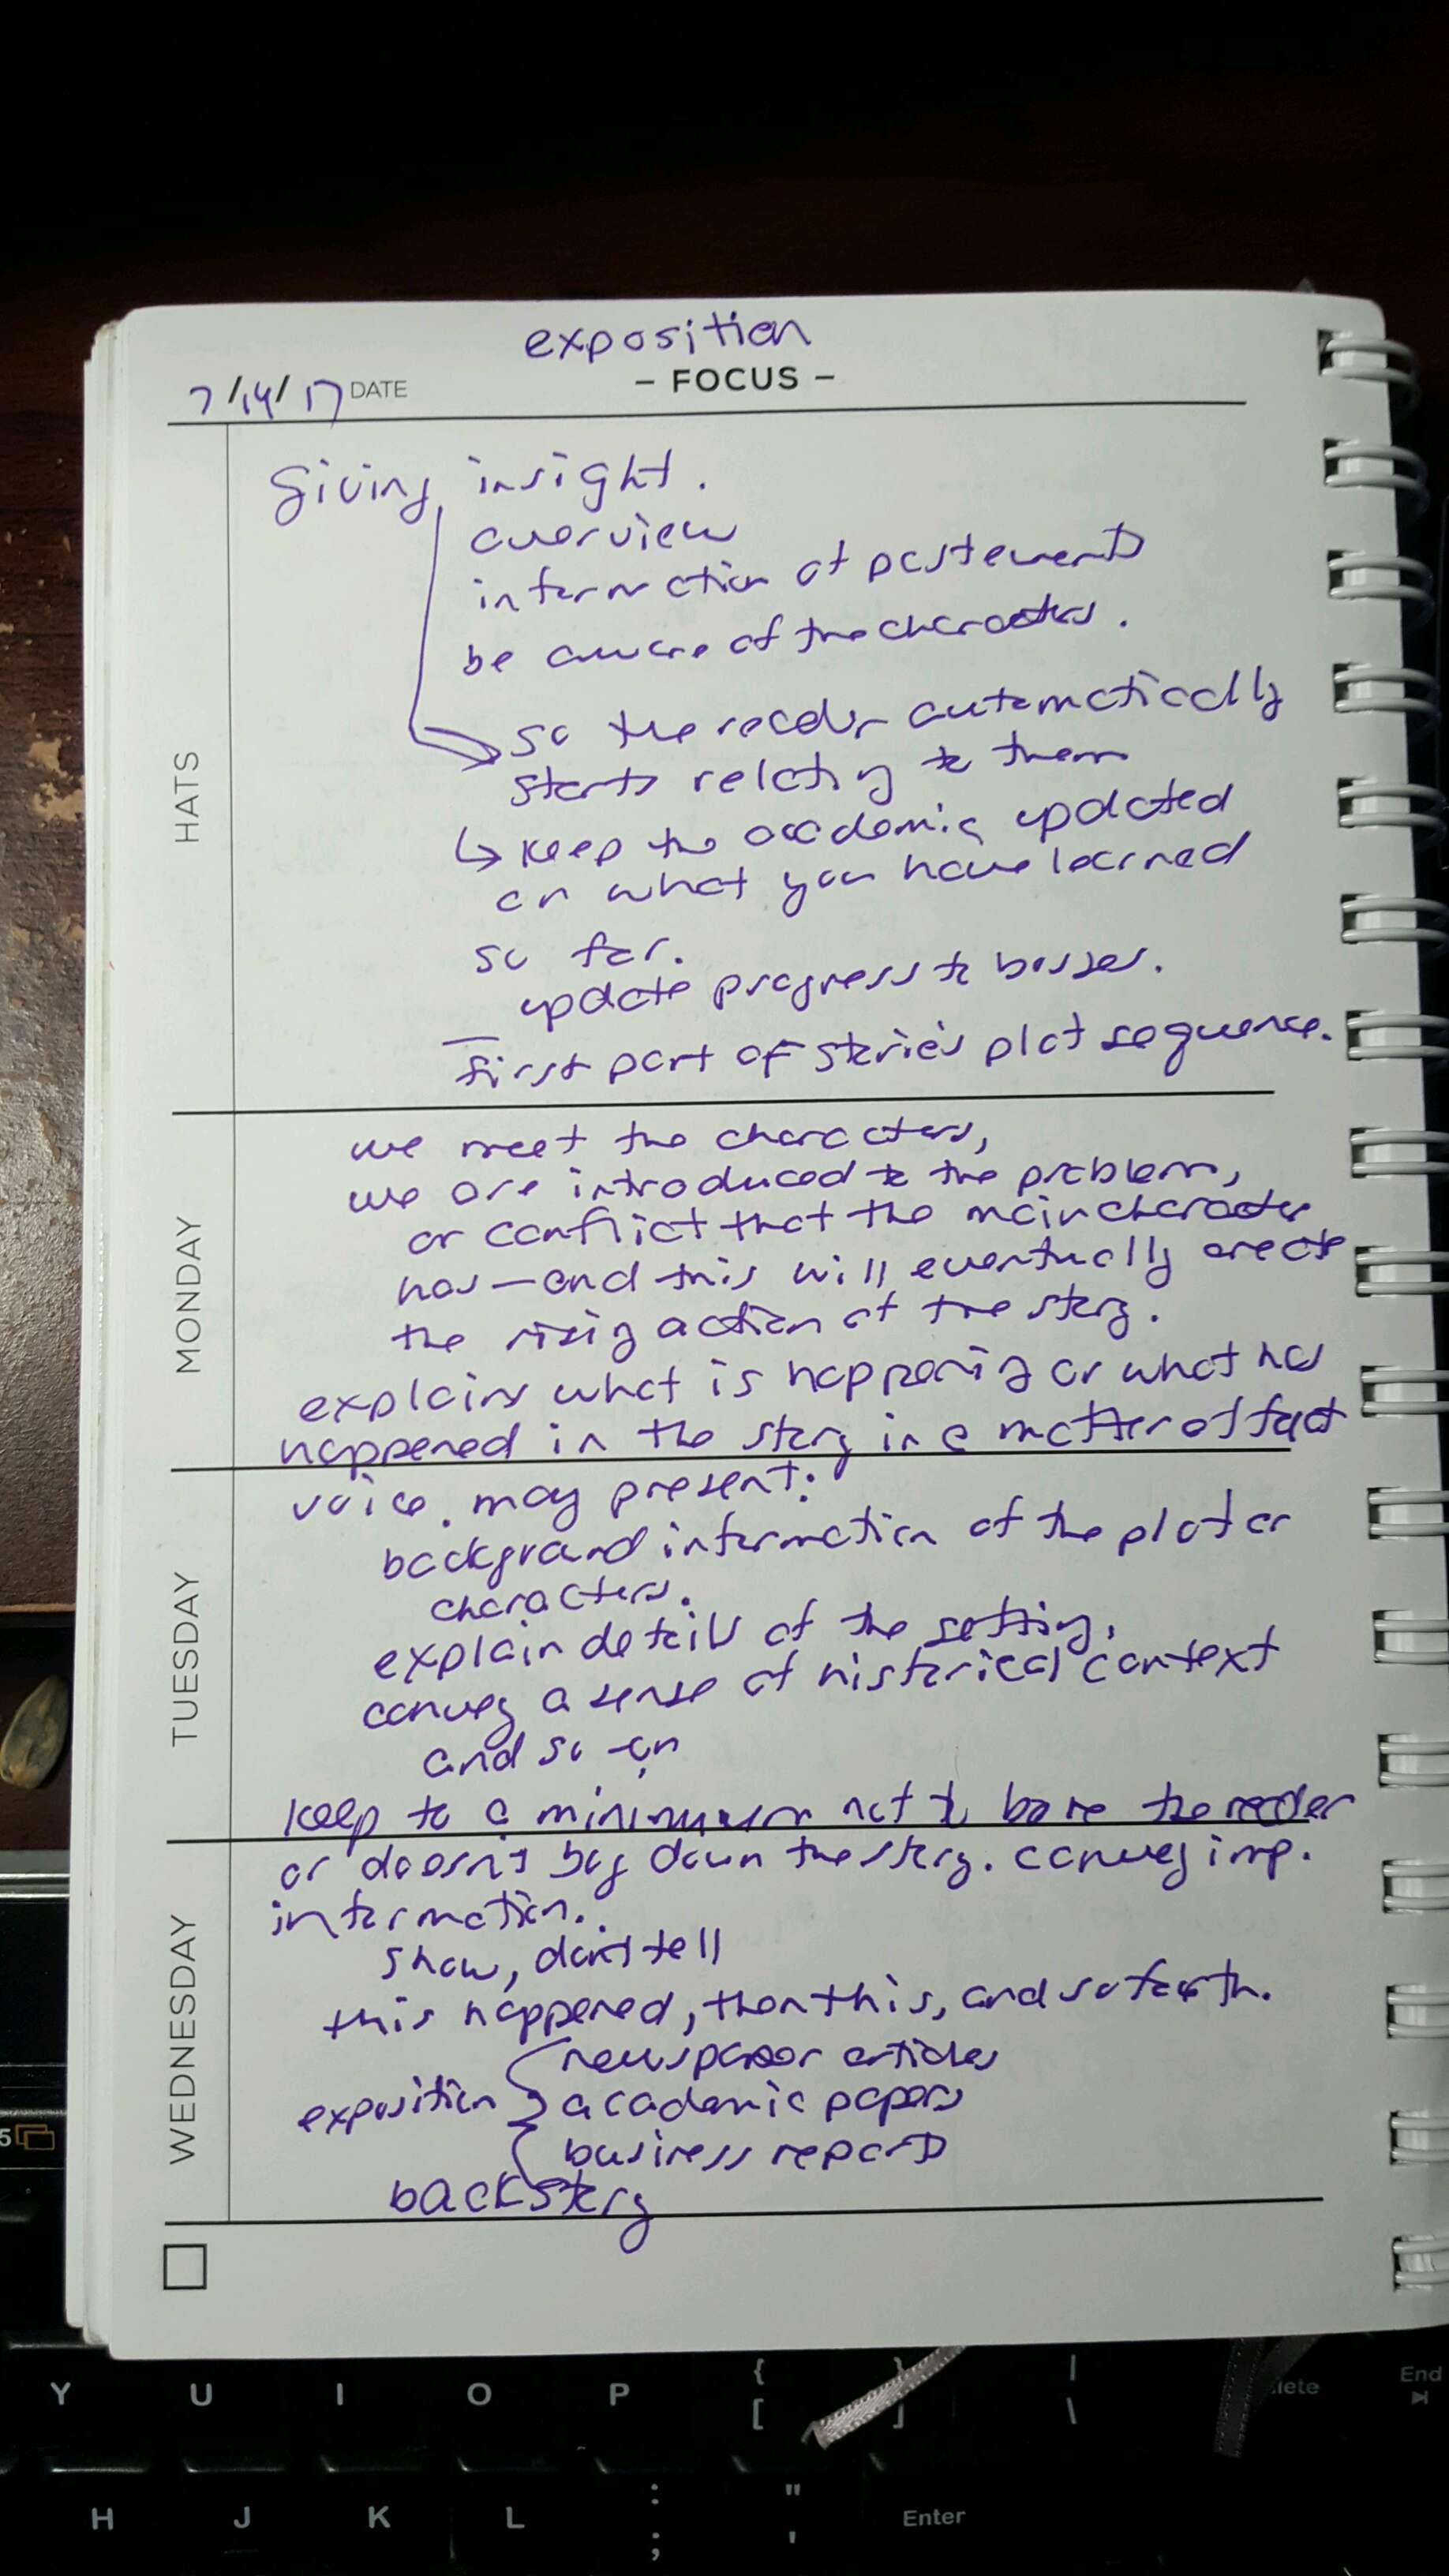 Focus Notes 07-14-17